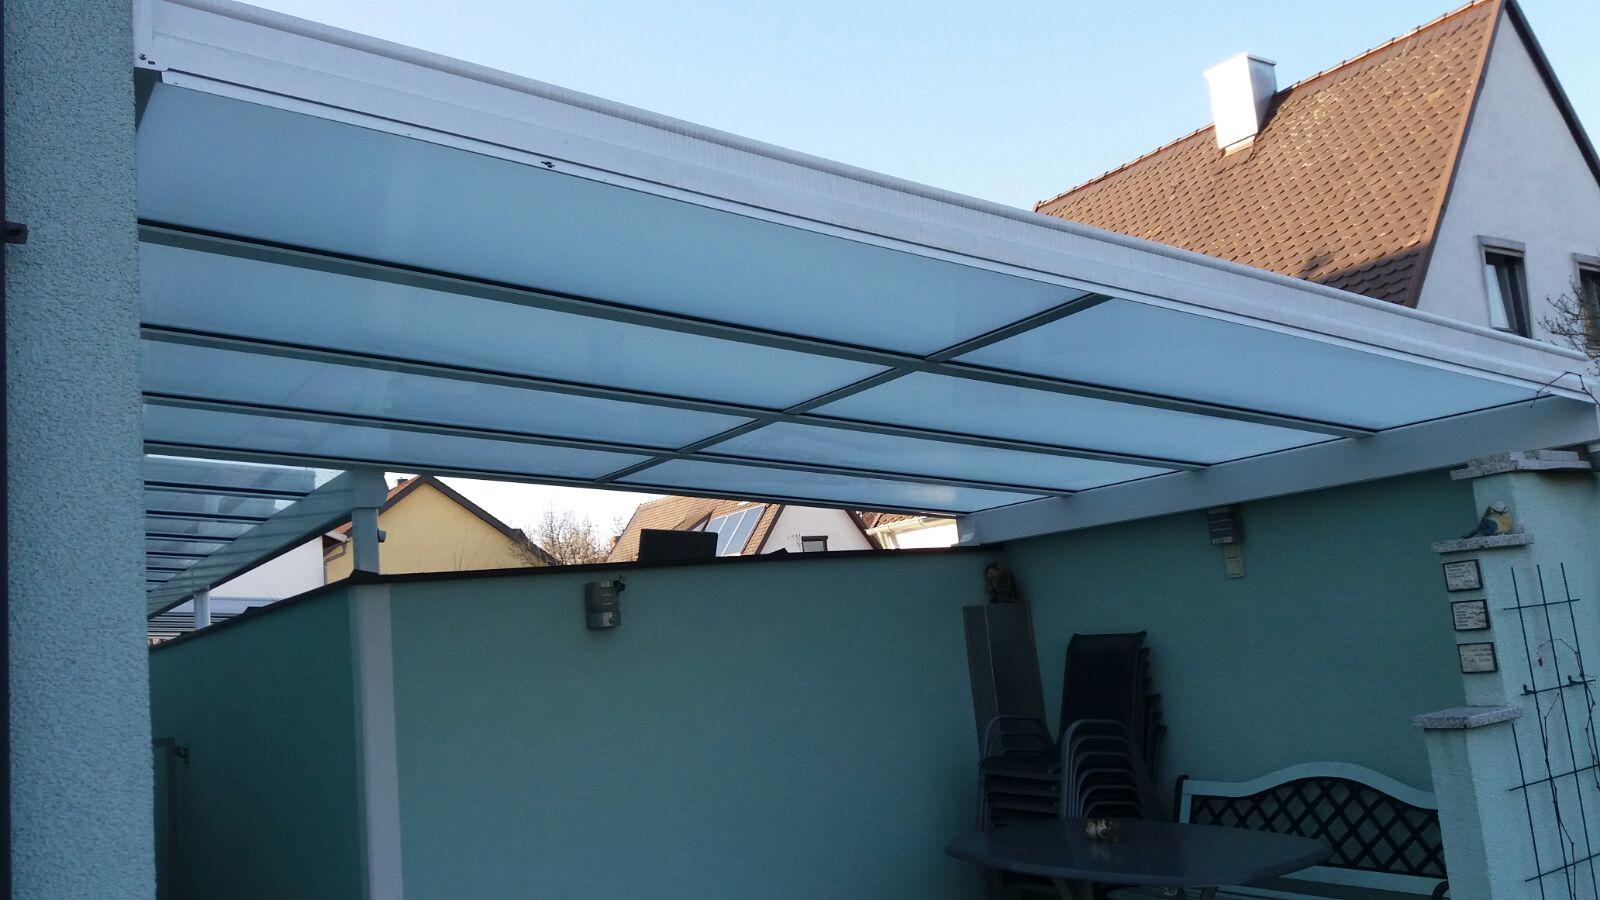 Terrassendach aus Aluminium und Glas von Weinor, Haus-Bauelemente24